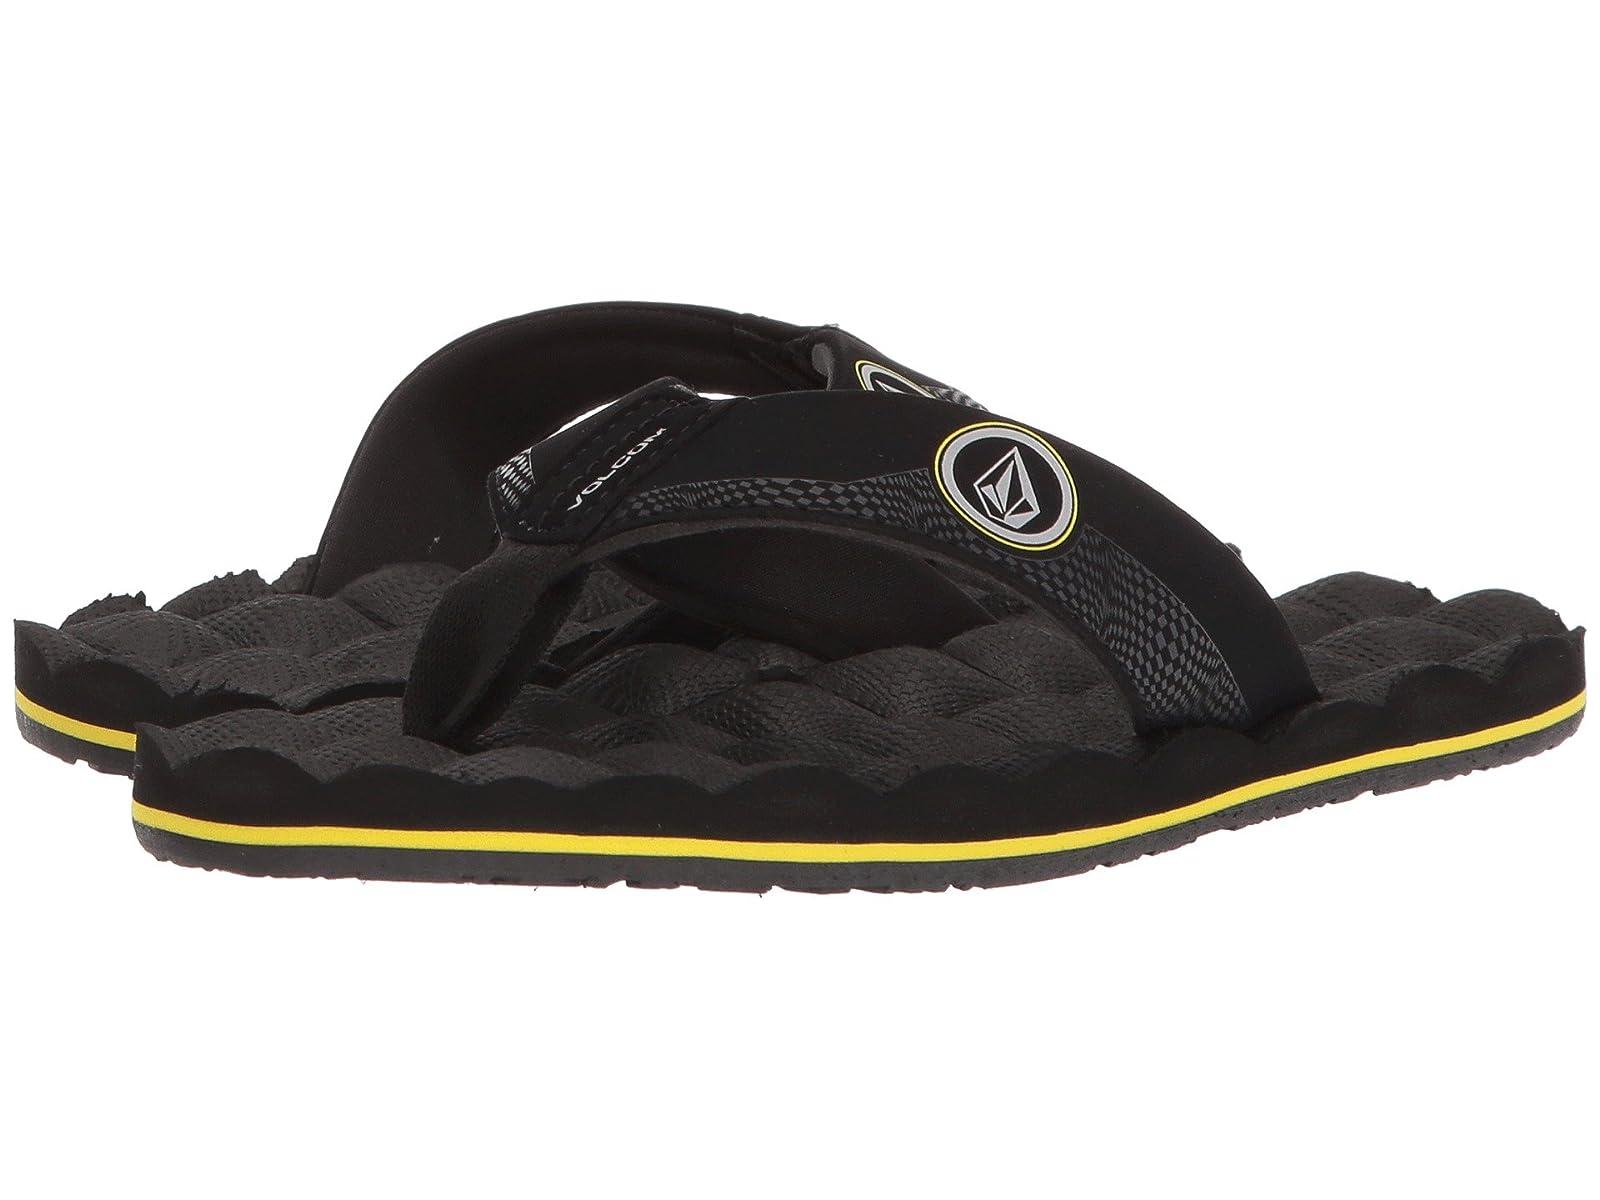 Volcom Kids Recliner (Little Kid/Big Kid)Atmospheric grades have affordable shoes